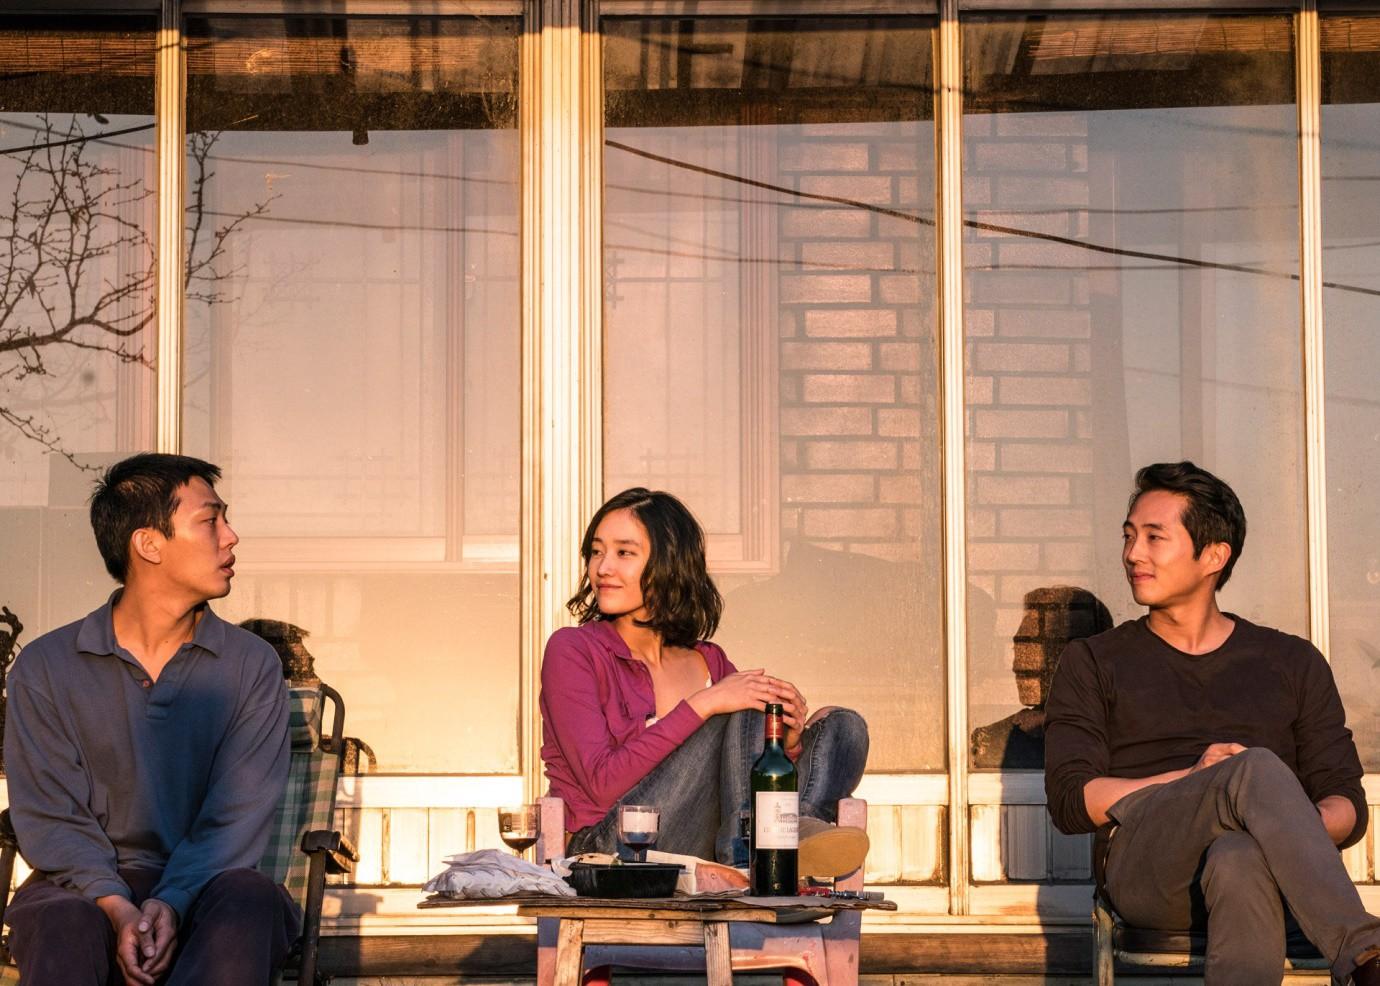 Không sở hữu nhan sắc lộng lẫy, những nữ diễn viên này vẫn đủ sức khuynh đảo điện ảnh xứ Hàn - Ảnh 11.